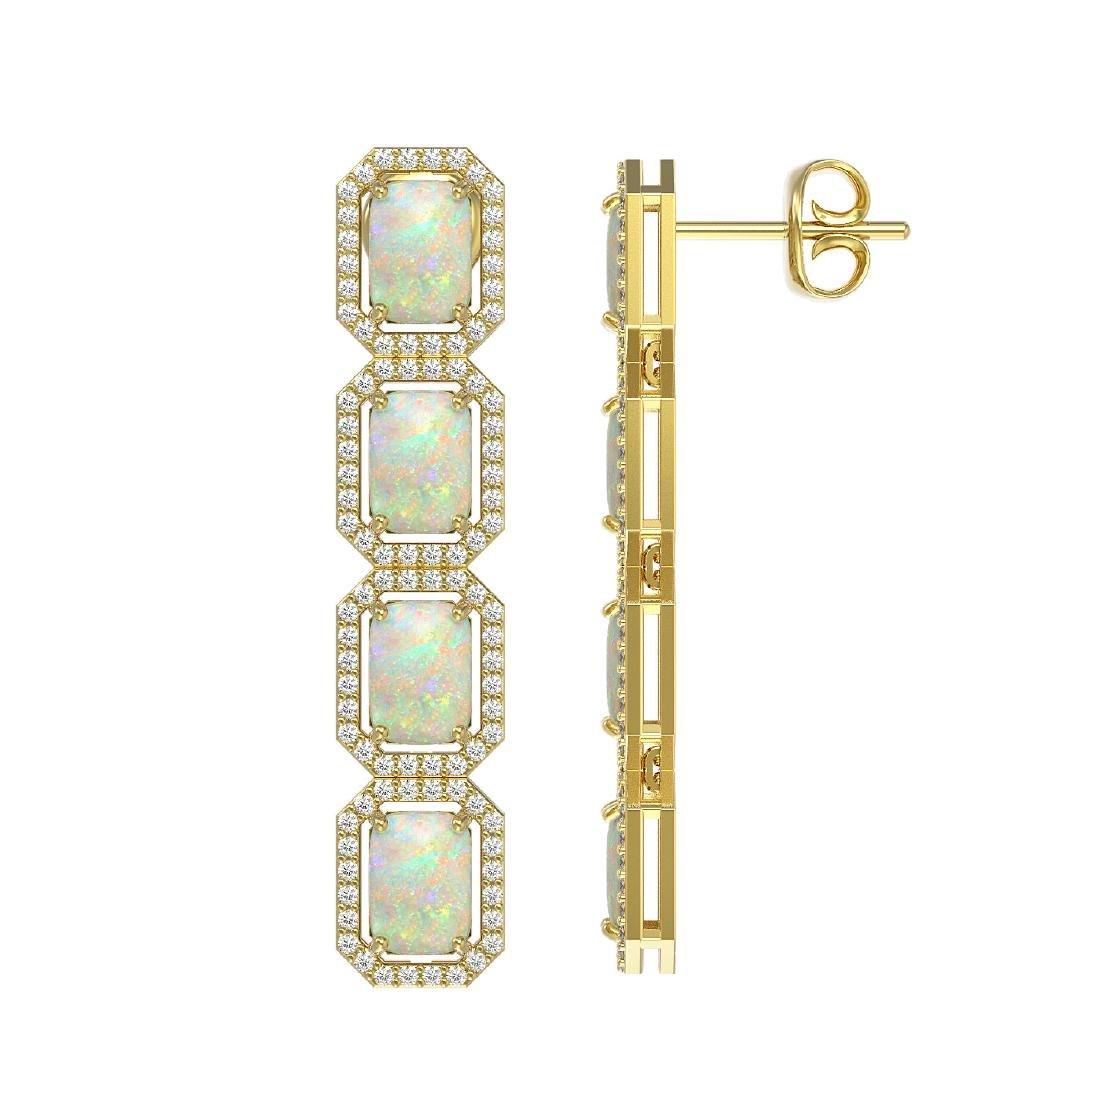 7.93 CTW Opal & Diamond Halo Earrings 10K Yellow Gold - 2